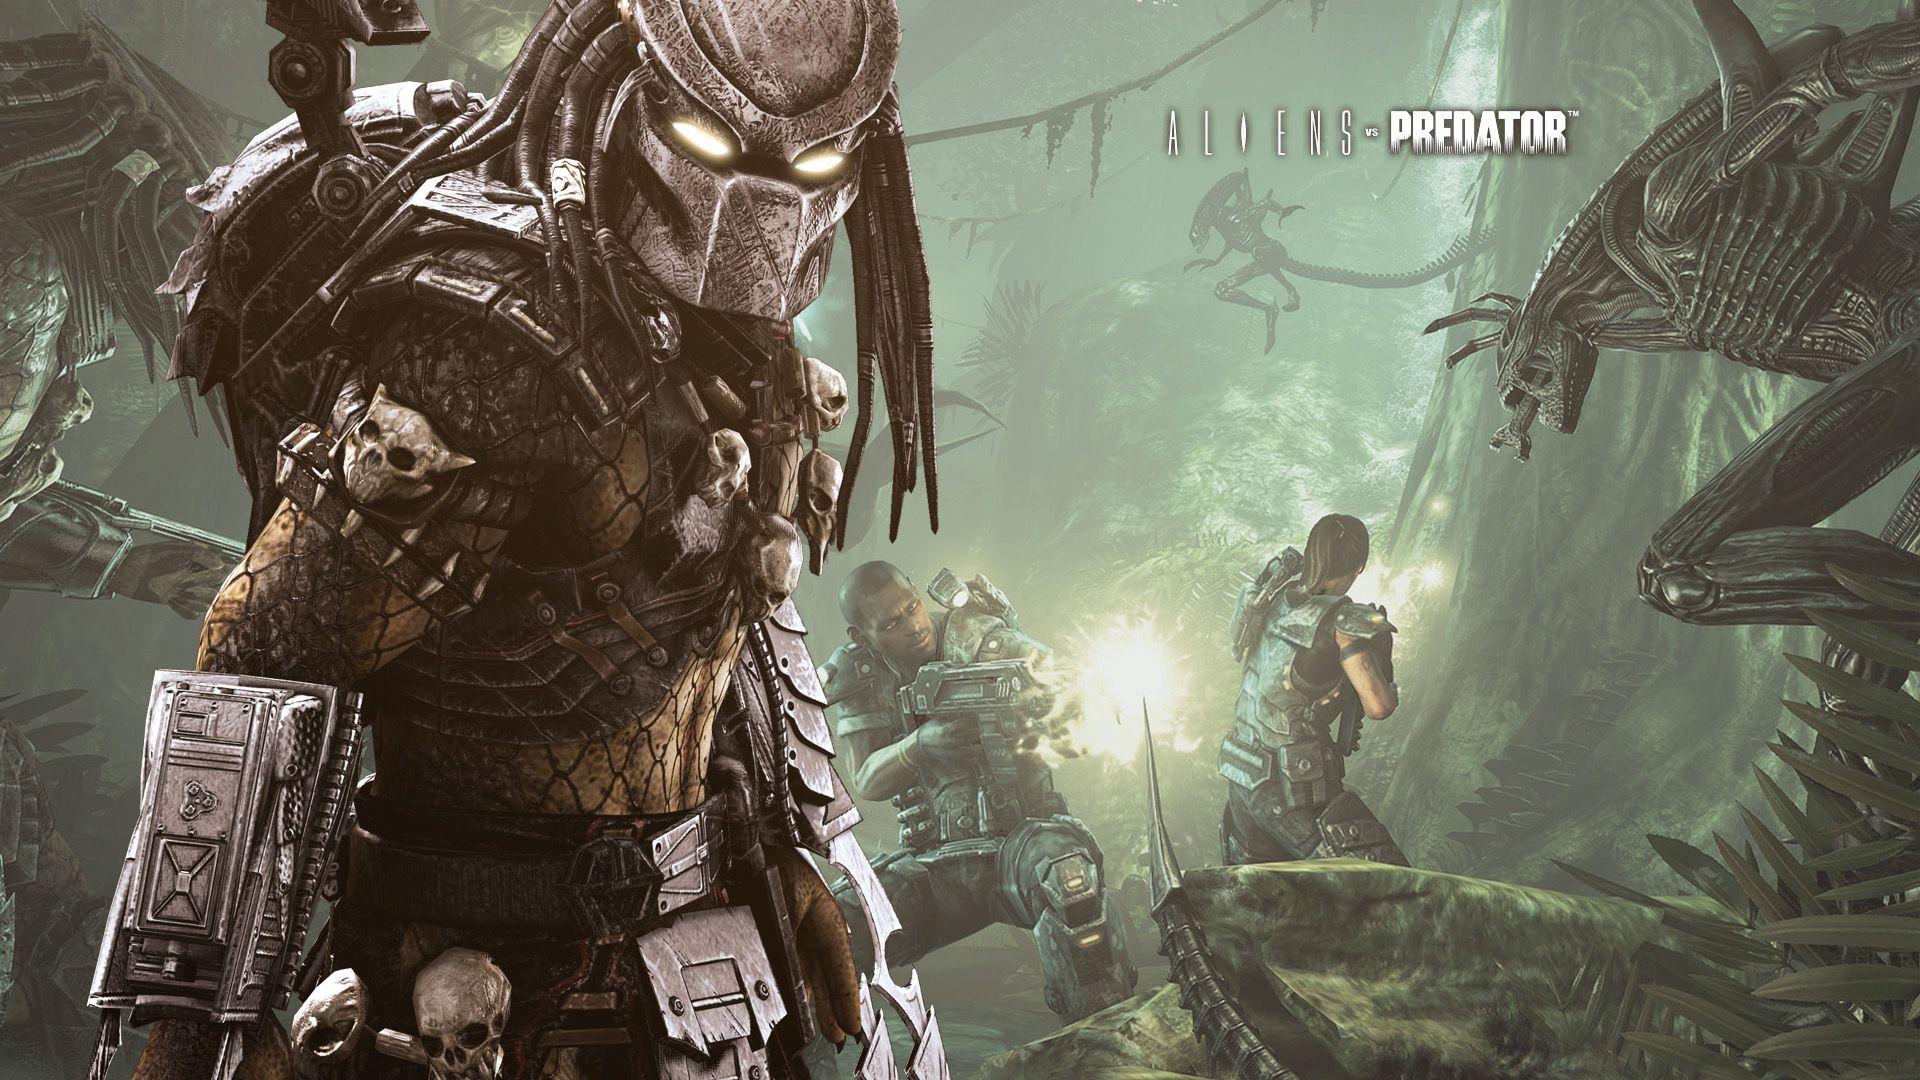 predator aliens | home » movie pictures » alien vs predator